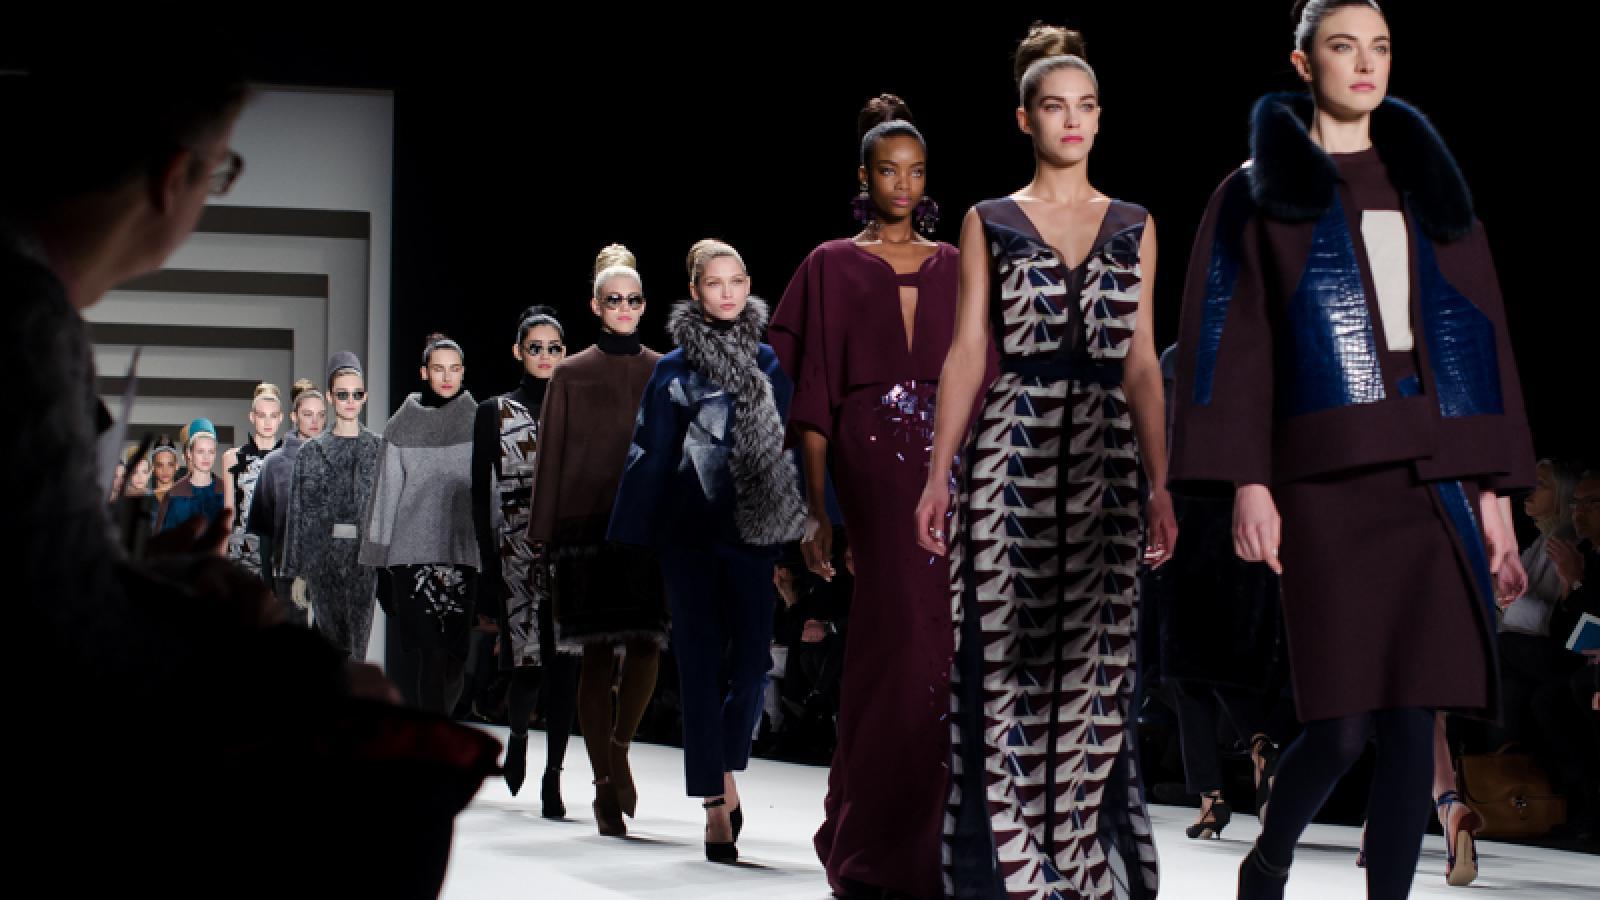 Les rendez-vous Mode de Paris